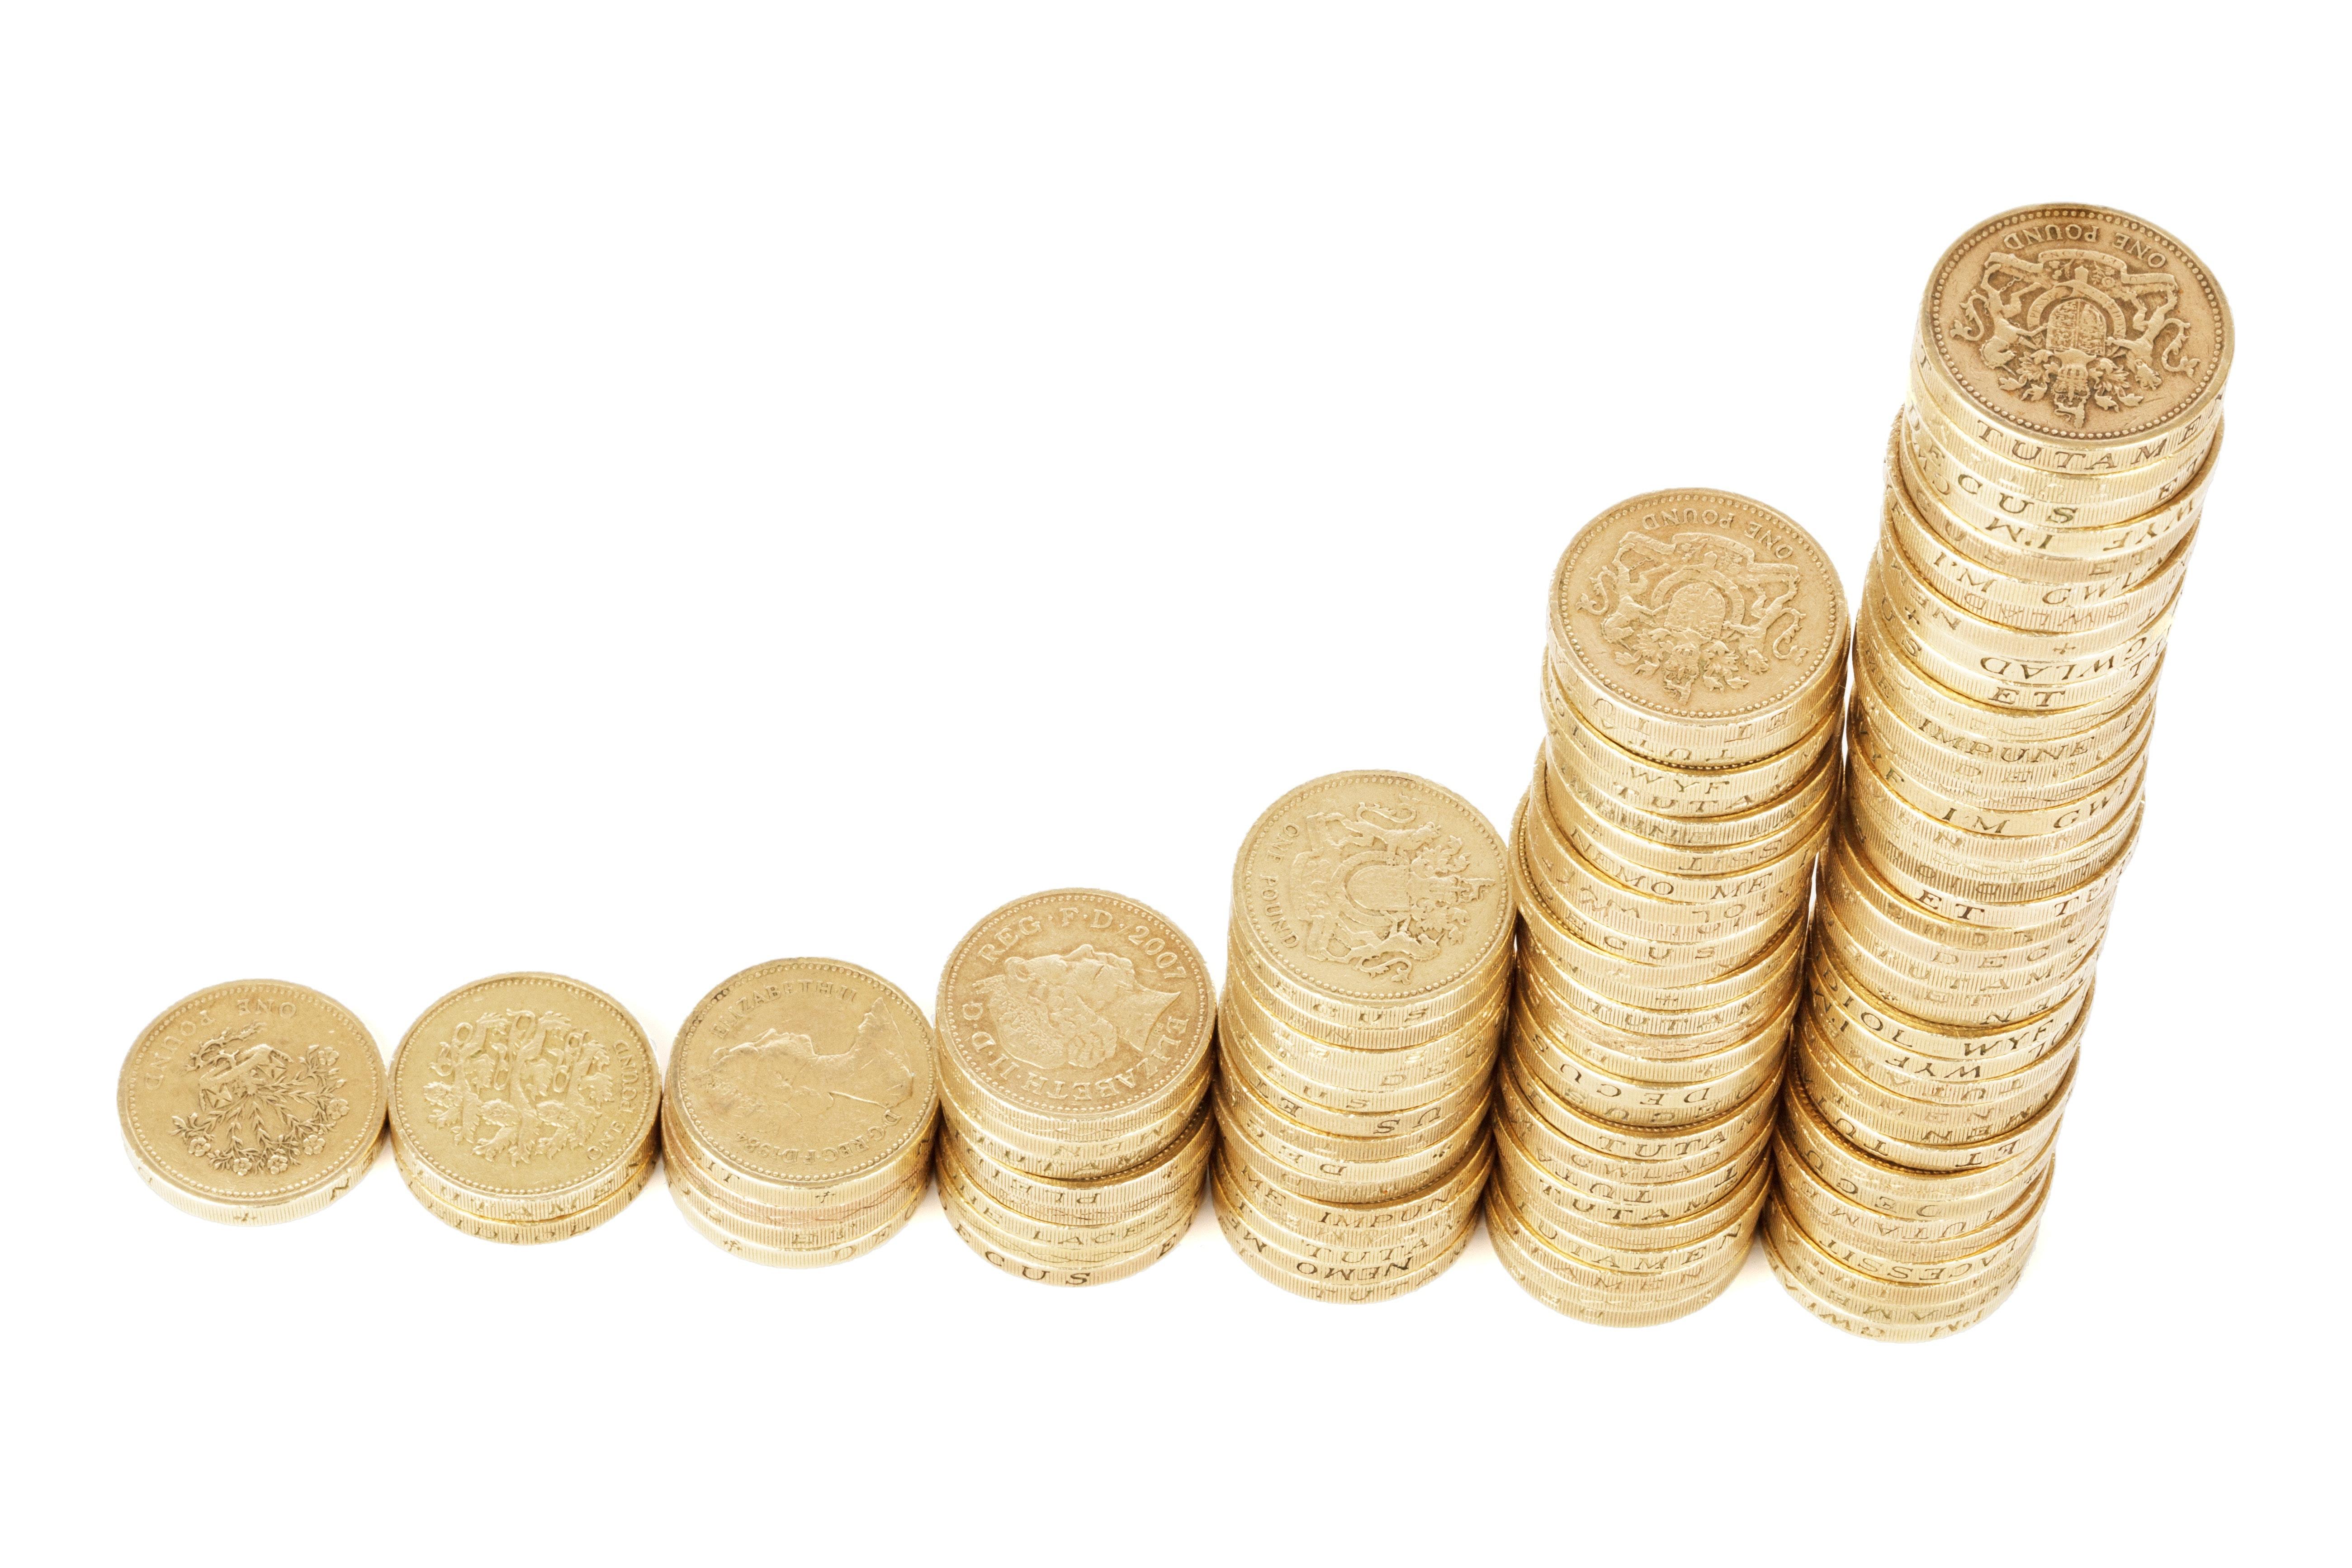 Improving profit and cash flow